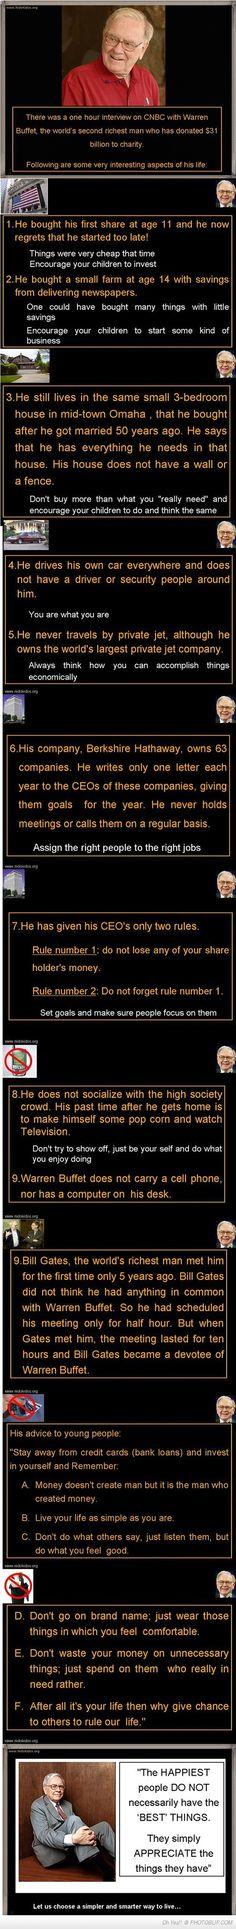 Simple, yet smart financial tips from Warren Buffett, the second richest man in . Warren Buffett, Move On, Warren Buffet Quotes, Money Talks, Rich Kids, Rich Man, Financial Tips, Way Of Life, Good Advice